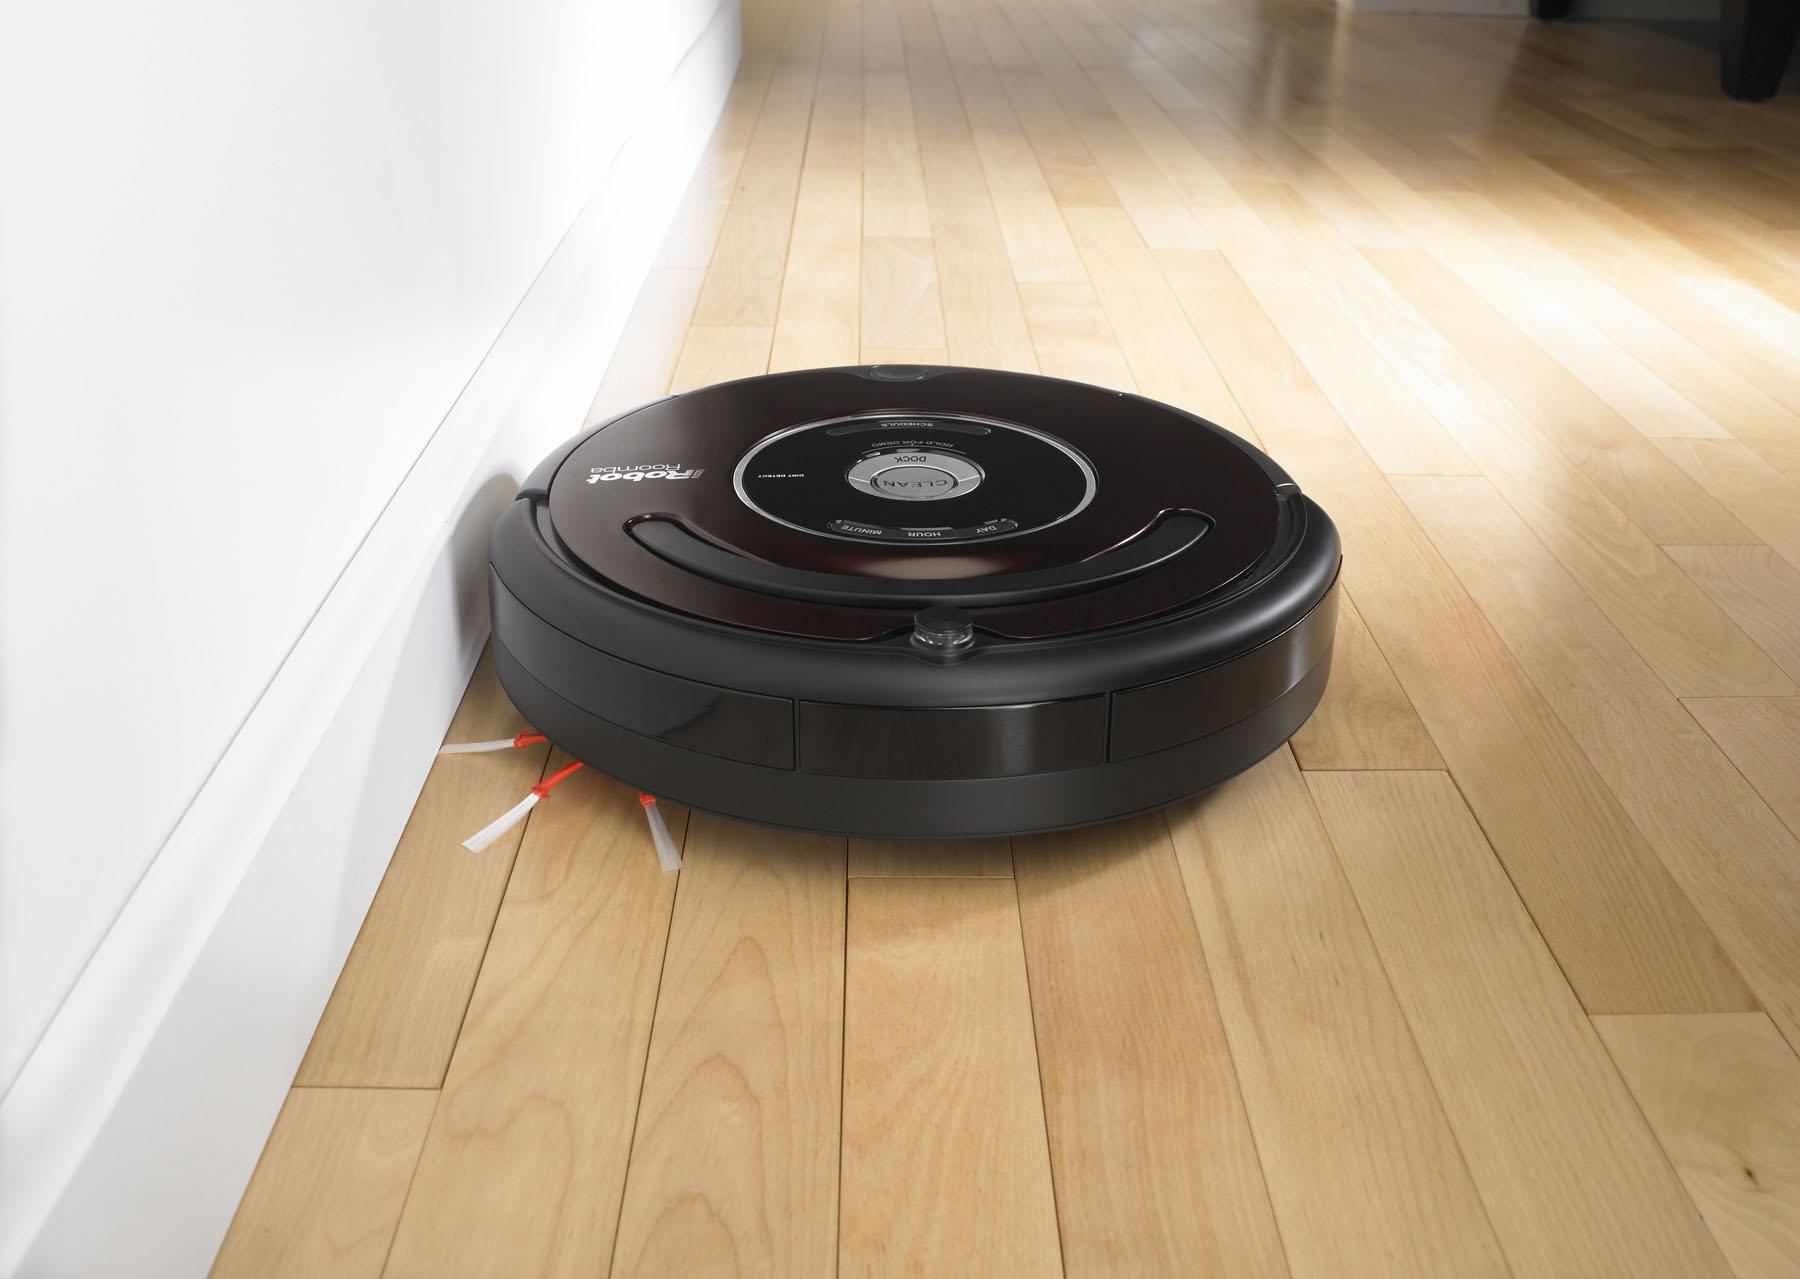 איך למצוא שואב אבק הובר כמו iRobot Roomba או דומים לו באליאקספרס